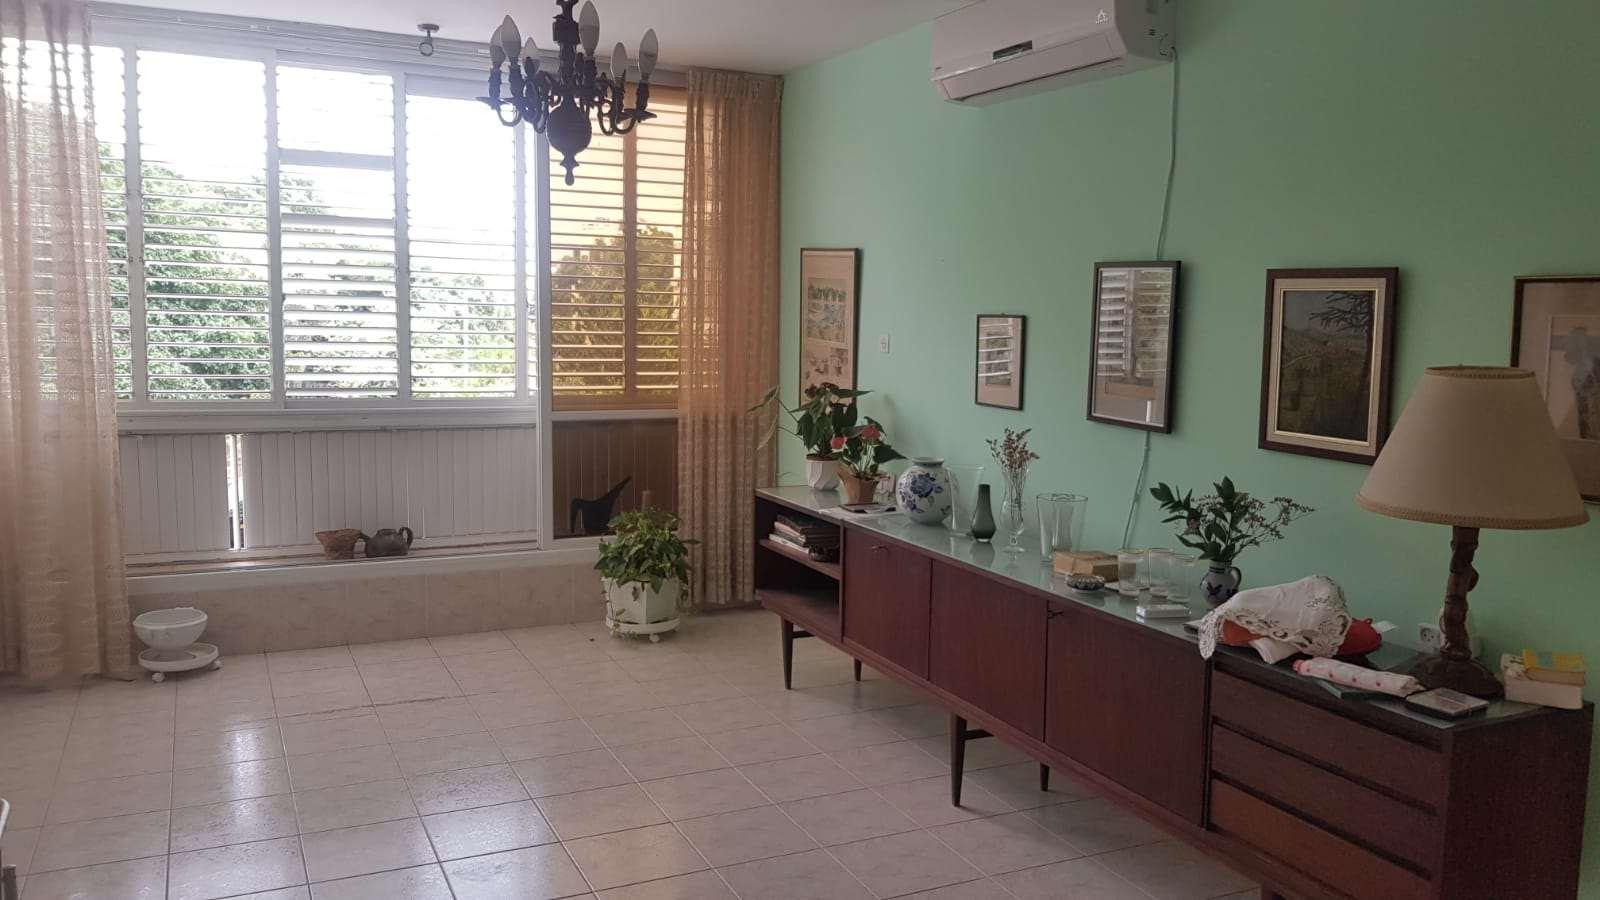 תמונה 2 ,דירה 3 חדרים יוחנן הורקנוס הצפון הישן תל אביב יפו